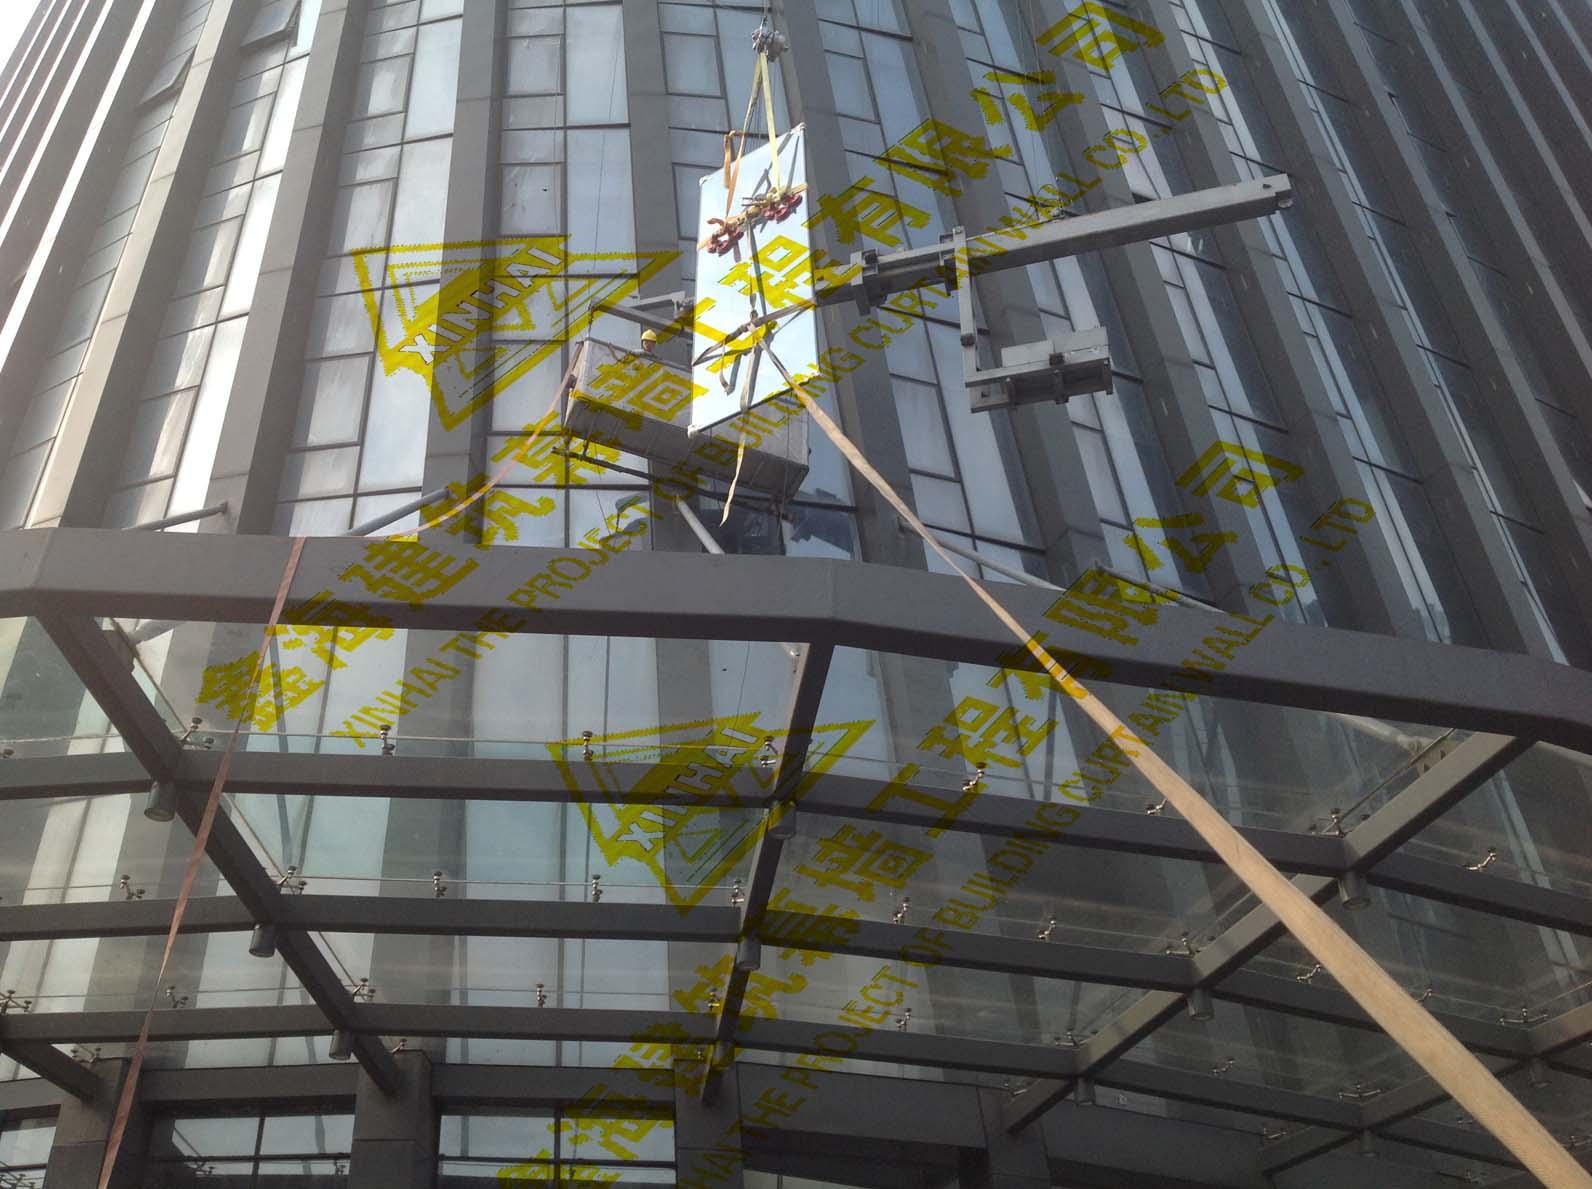 广州鑫海建筑幕墙工程供应价格划算的幕墙玻璃安装,幕墙玻璃公司